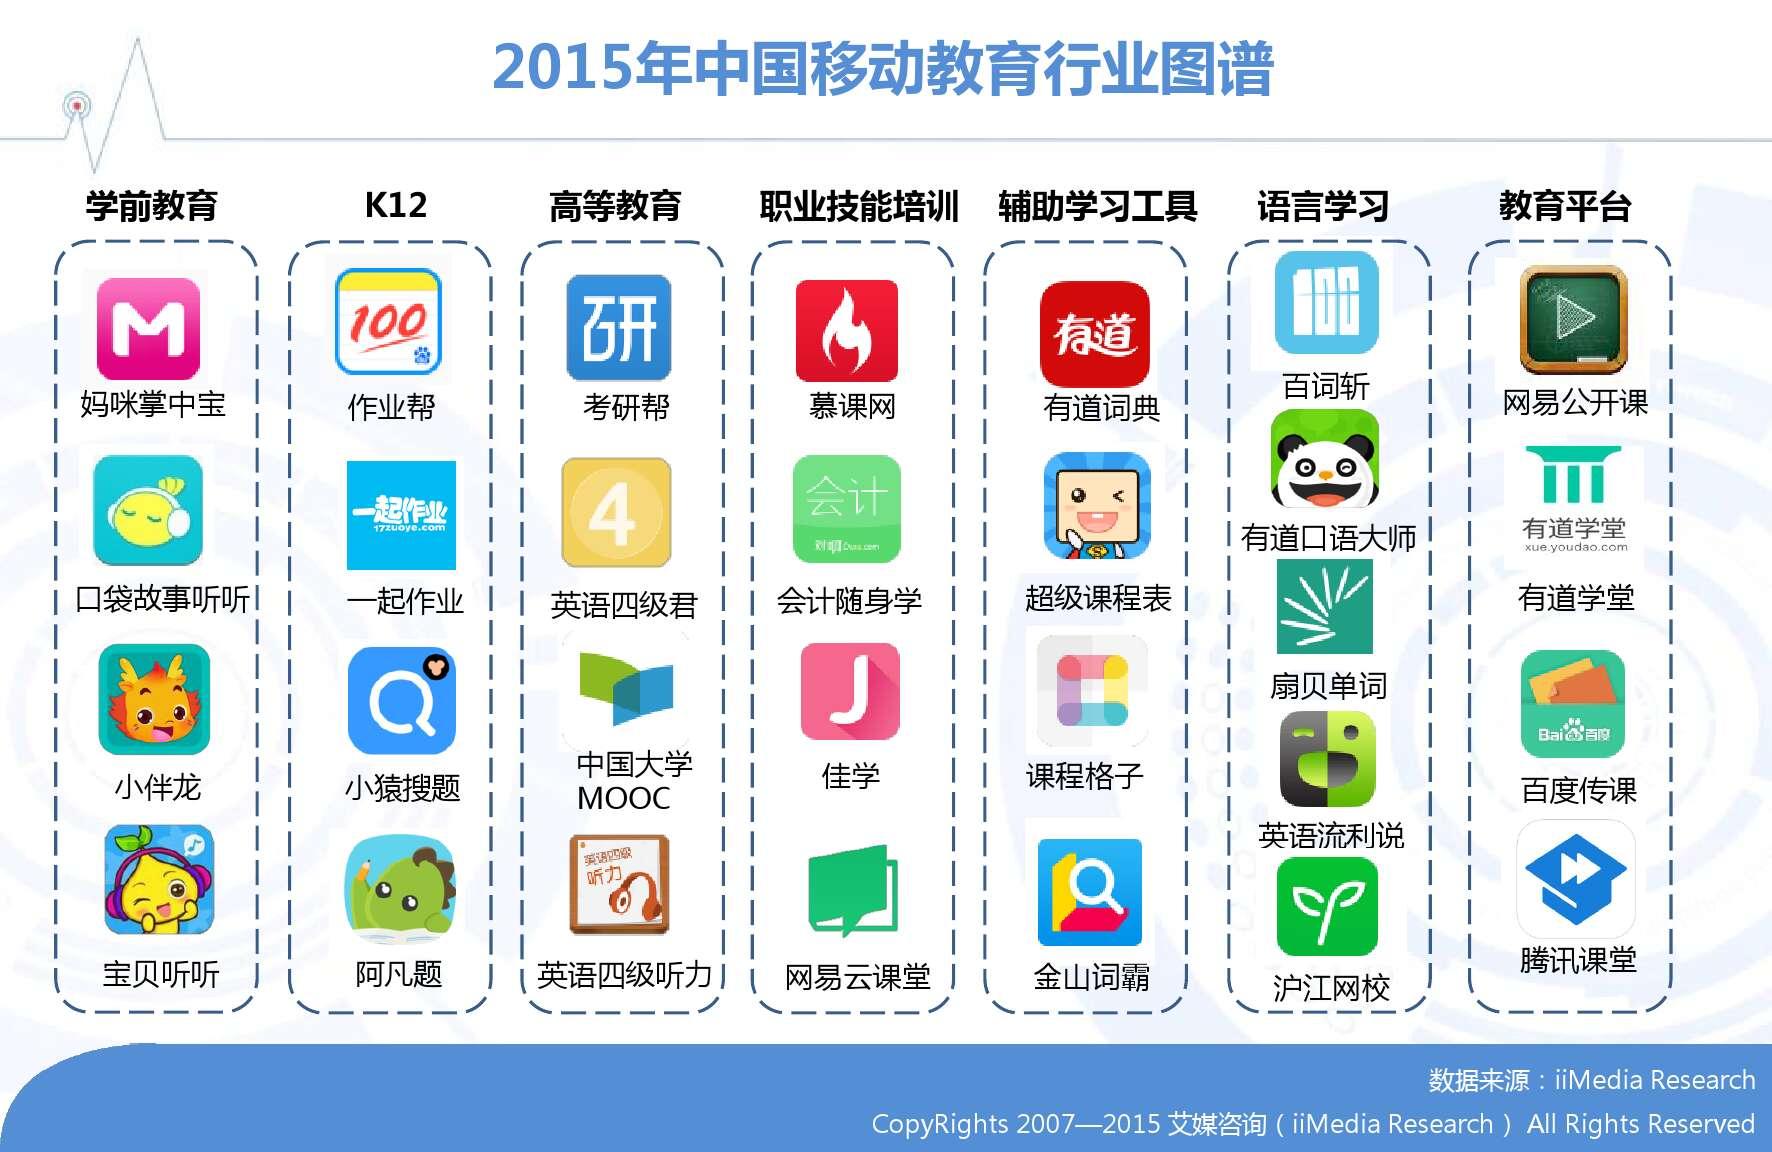 2015-2016年中国移动教育市场研究报告_000011